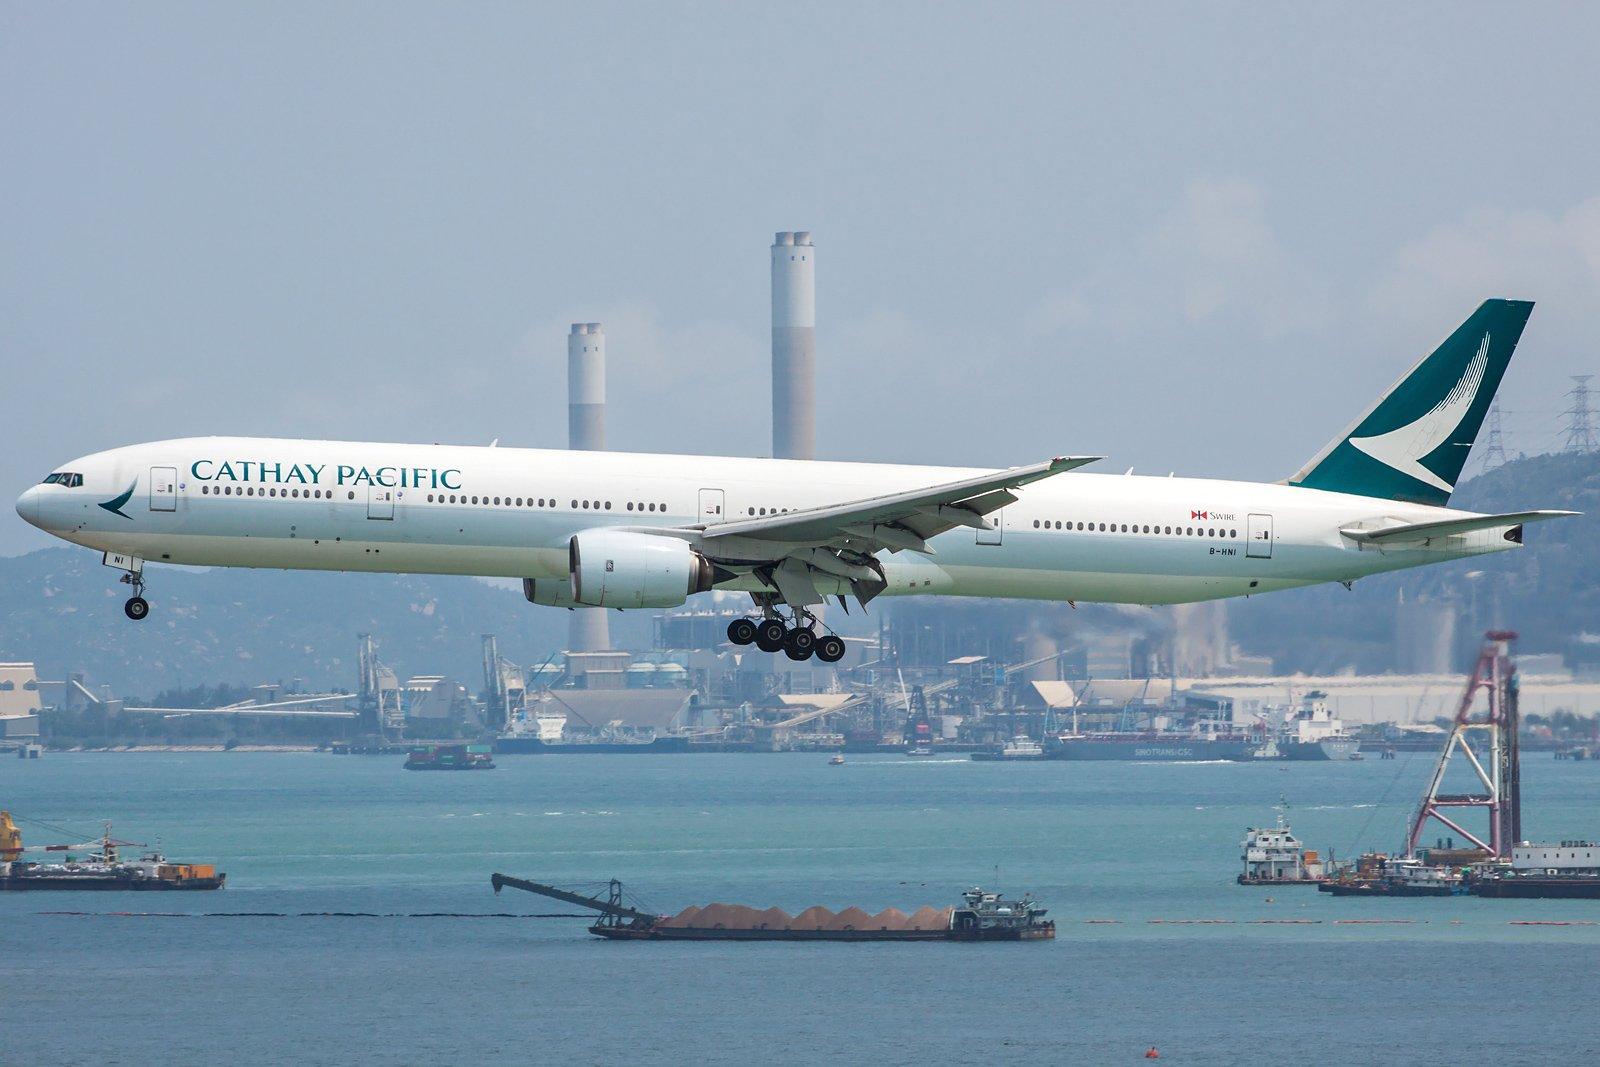 Cathay Pacific Boeing 777-367 B-HNI